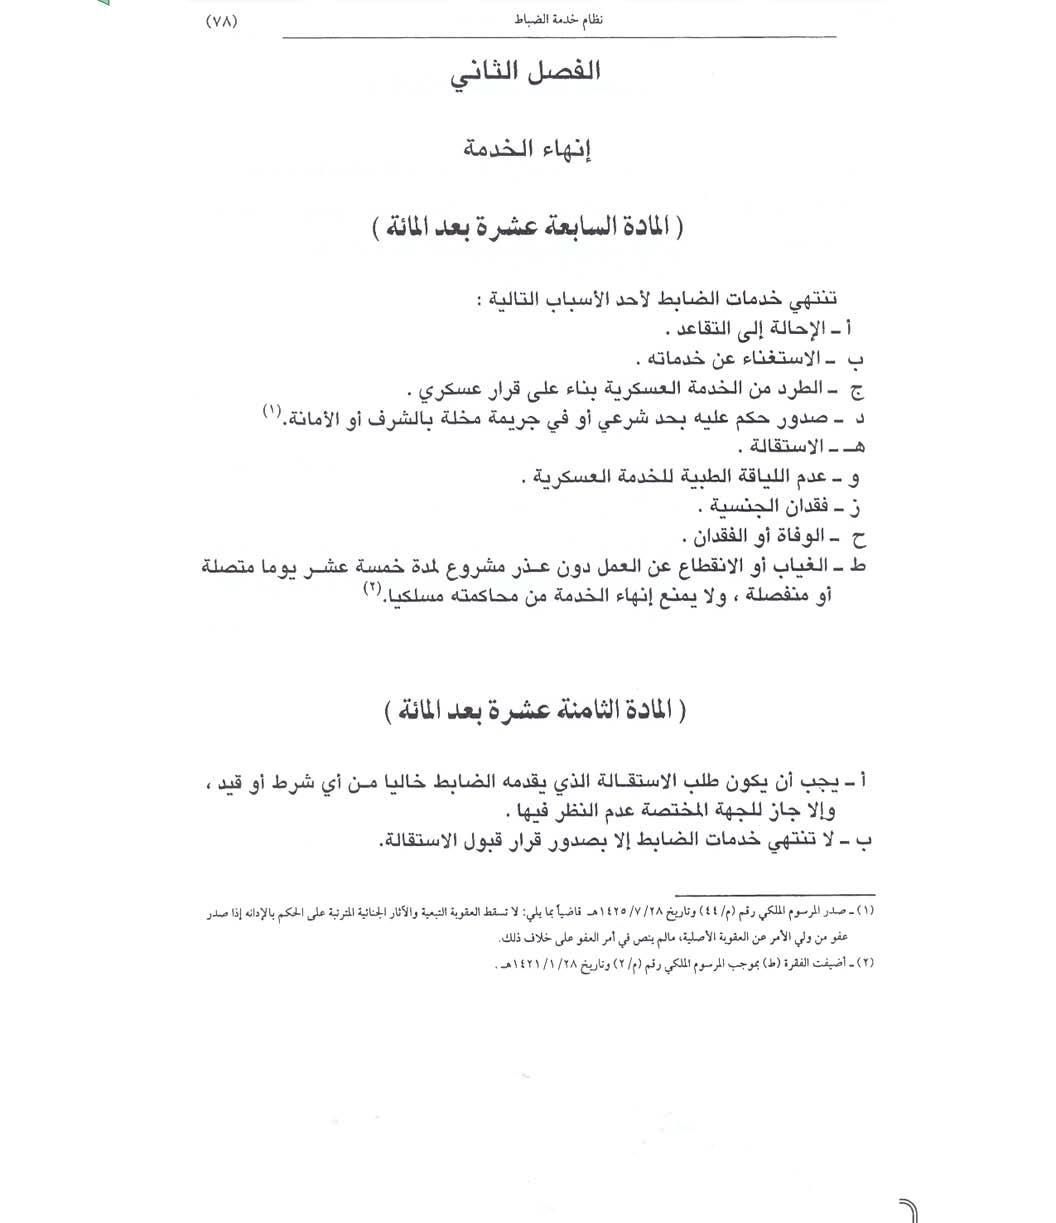 نظام فصل العسكري بسبب الغياب